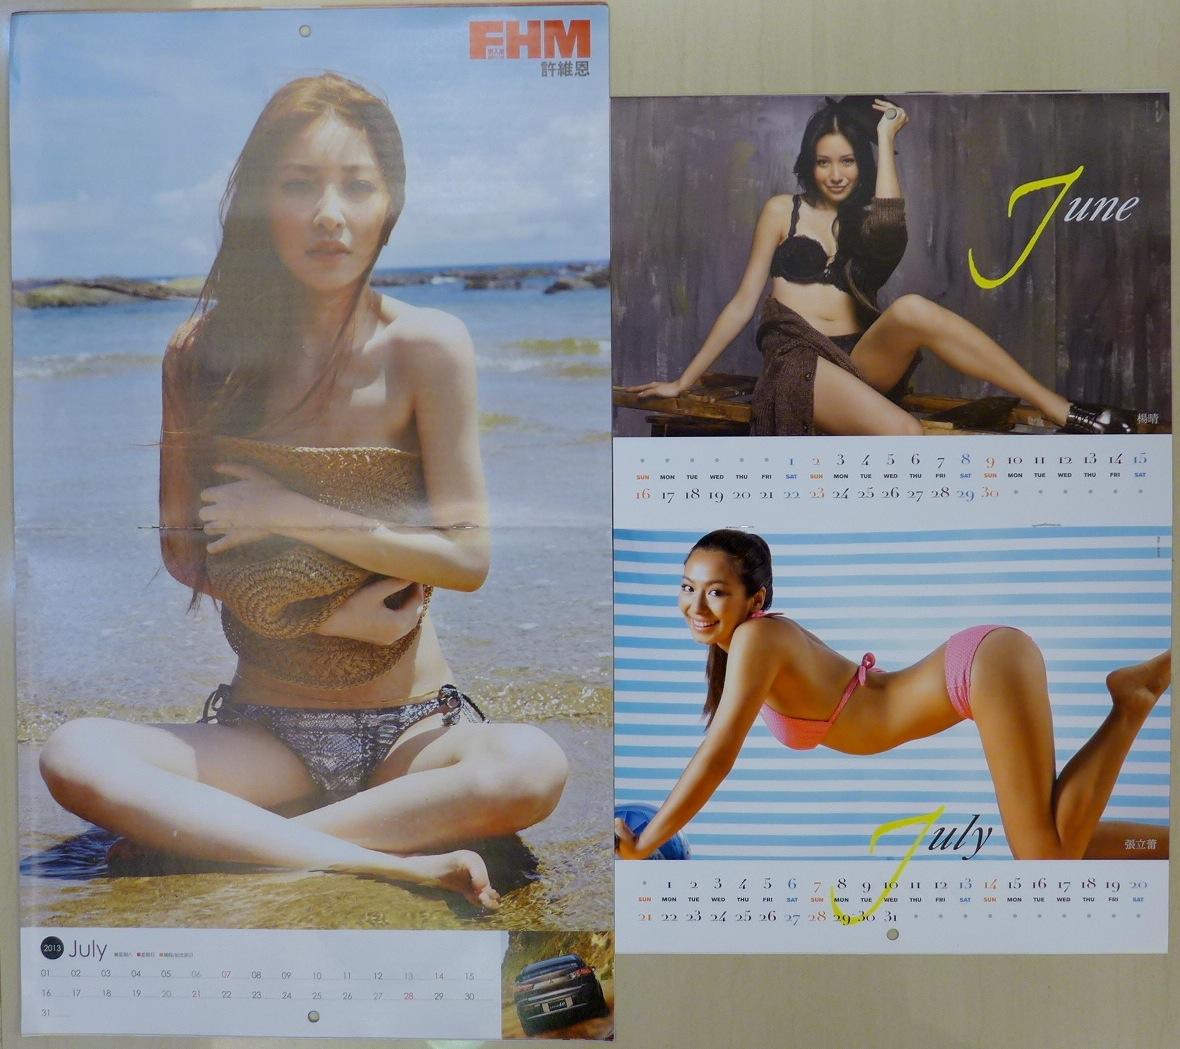 FHM GQ 月曆